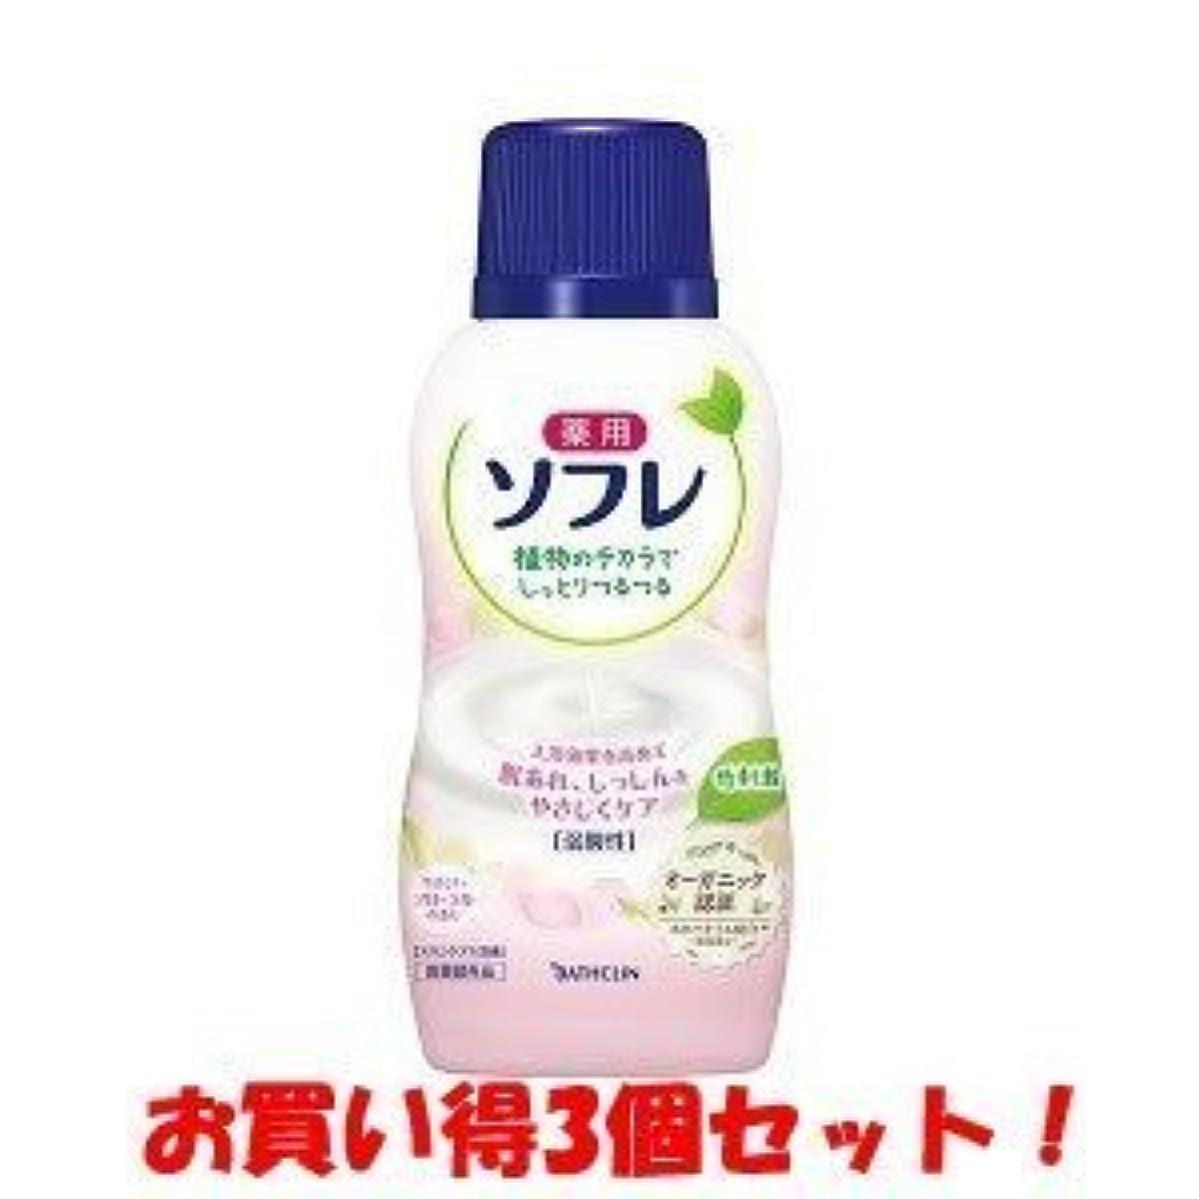 マークダウンタンパク質耐えられない(バスクリン)薬用ソフレ スキンケア入浴液 やさしいフローラル香り 720ml(医薬部外品)(お買い得3個セット)